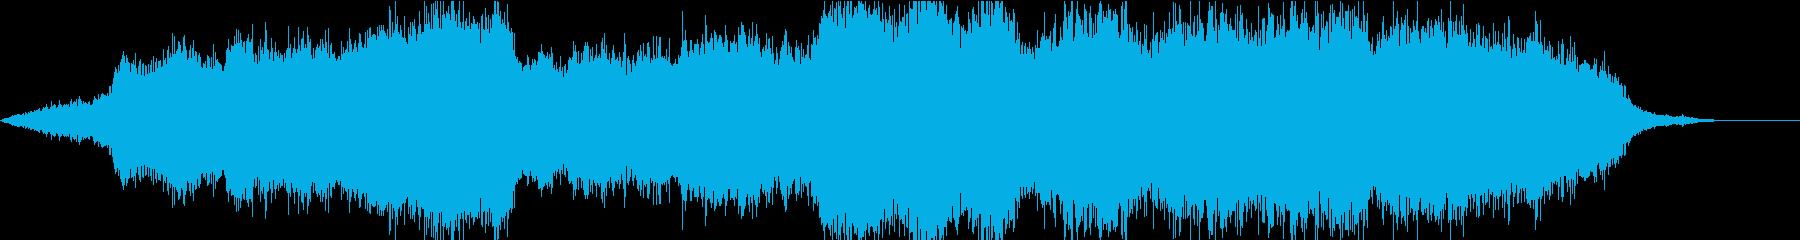 美しく魅惑的な重音の異次元/海底BGMの再生済みの波形